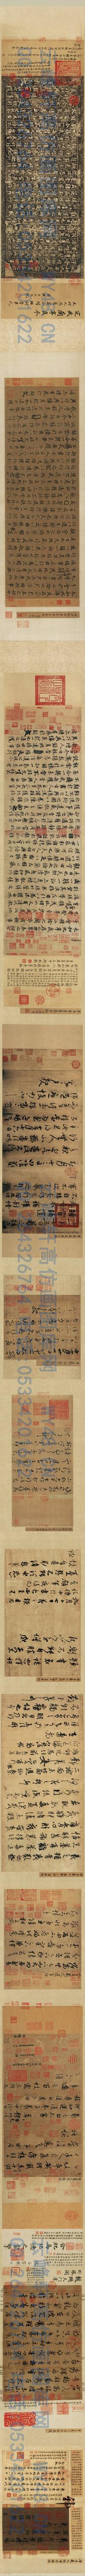 王羲之-墨迹合集-纸本